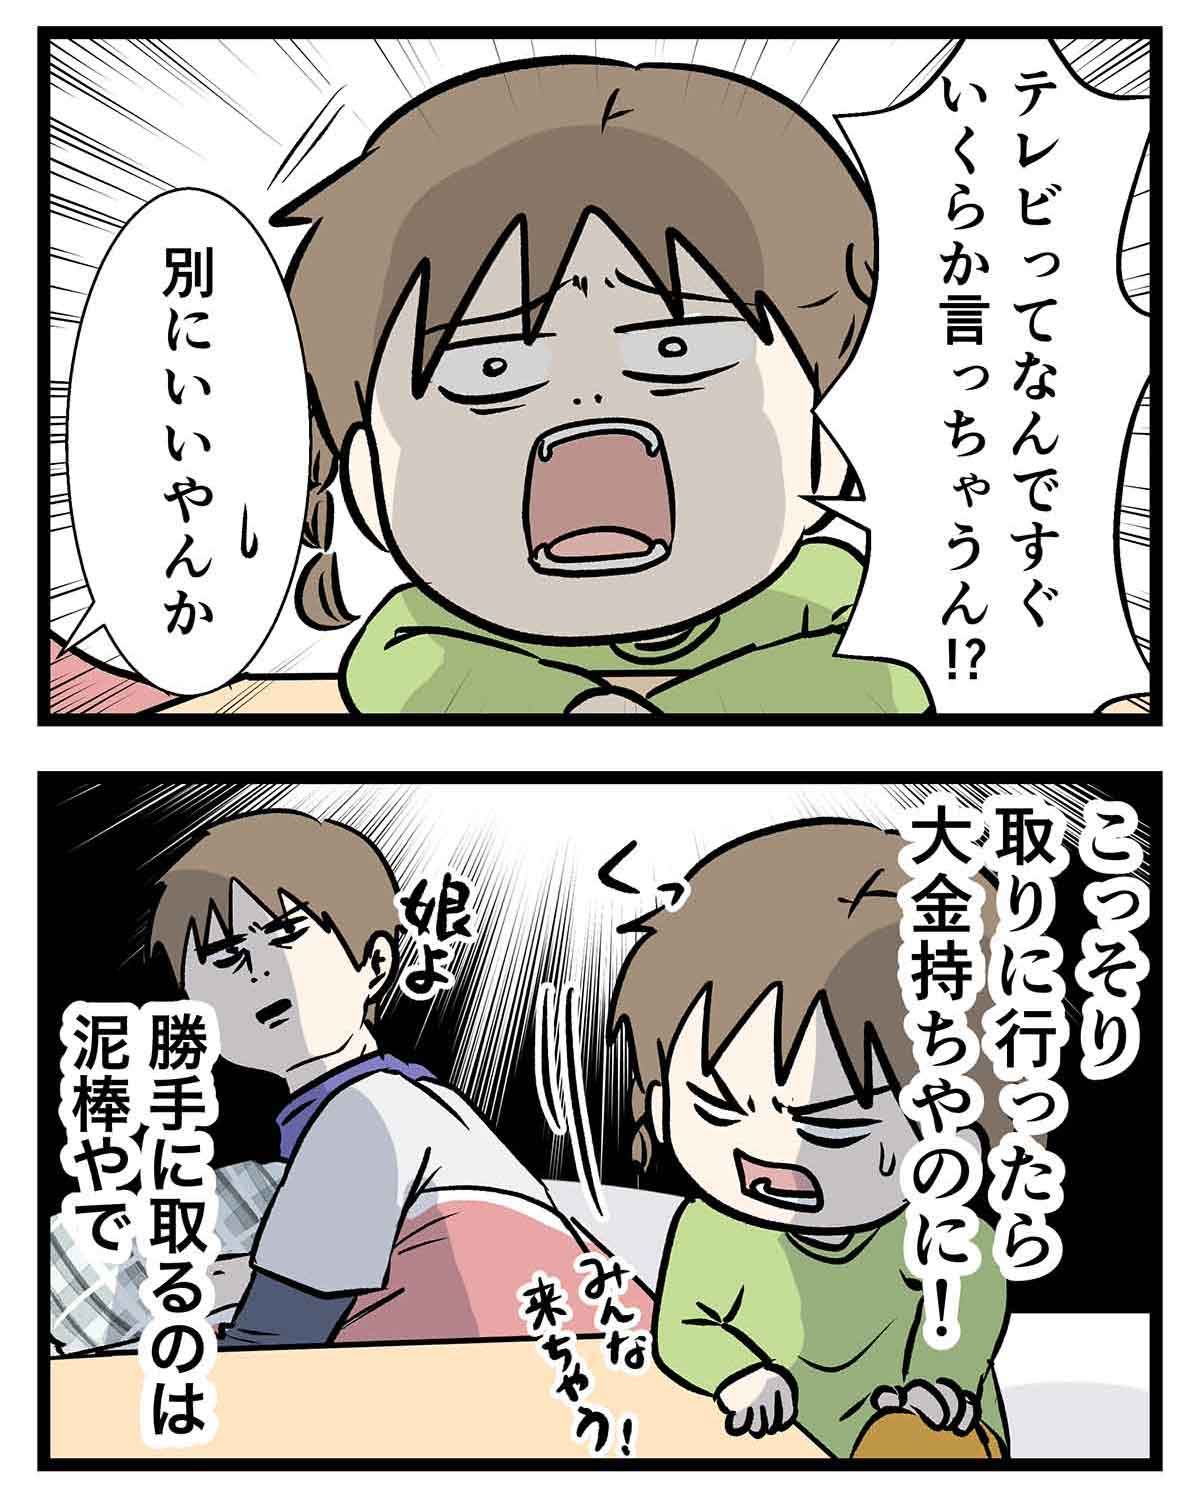 丹波篠山の松茸に興味が湧いた日